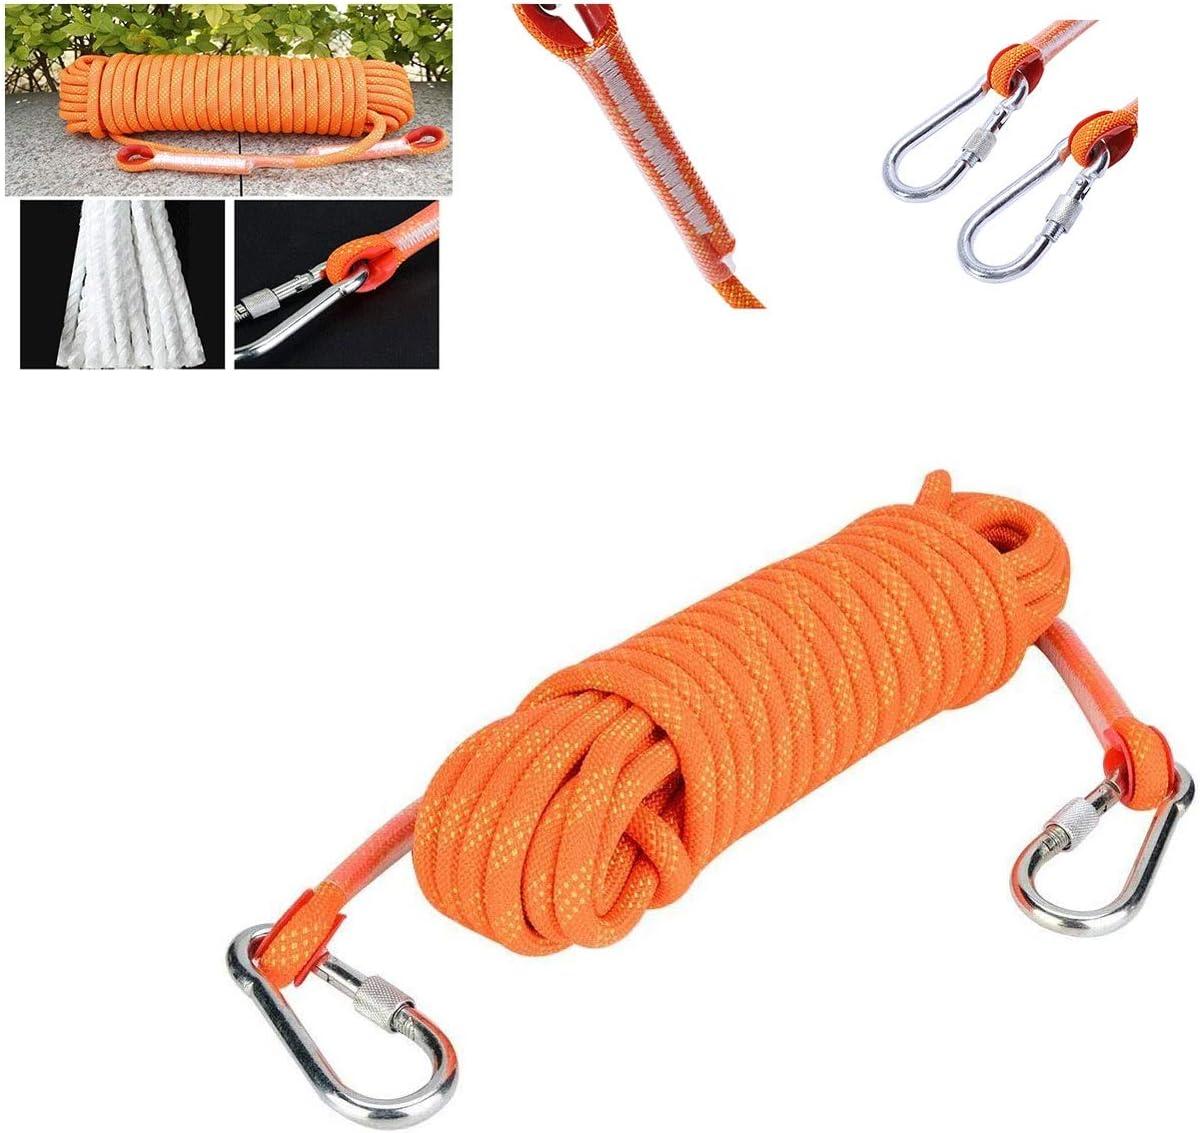 Cuerda de descenso 12 mm, cuerda escape de emergencia, cuerda ...